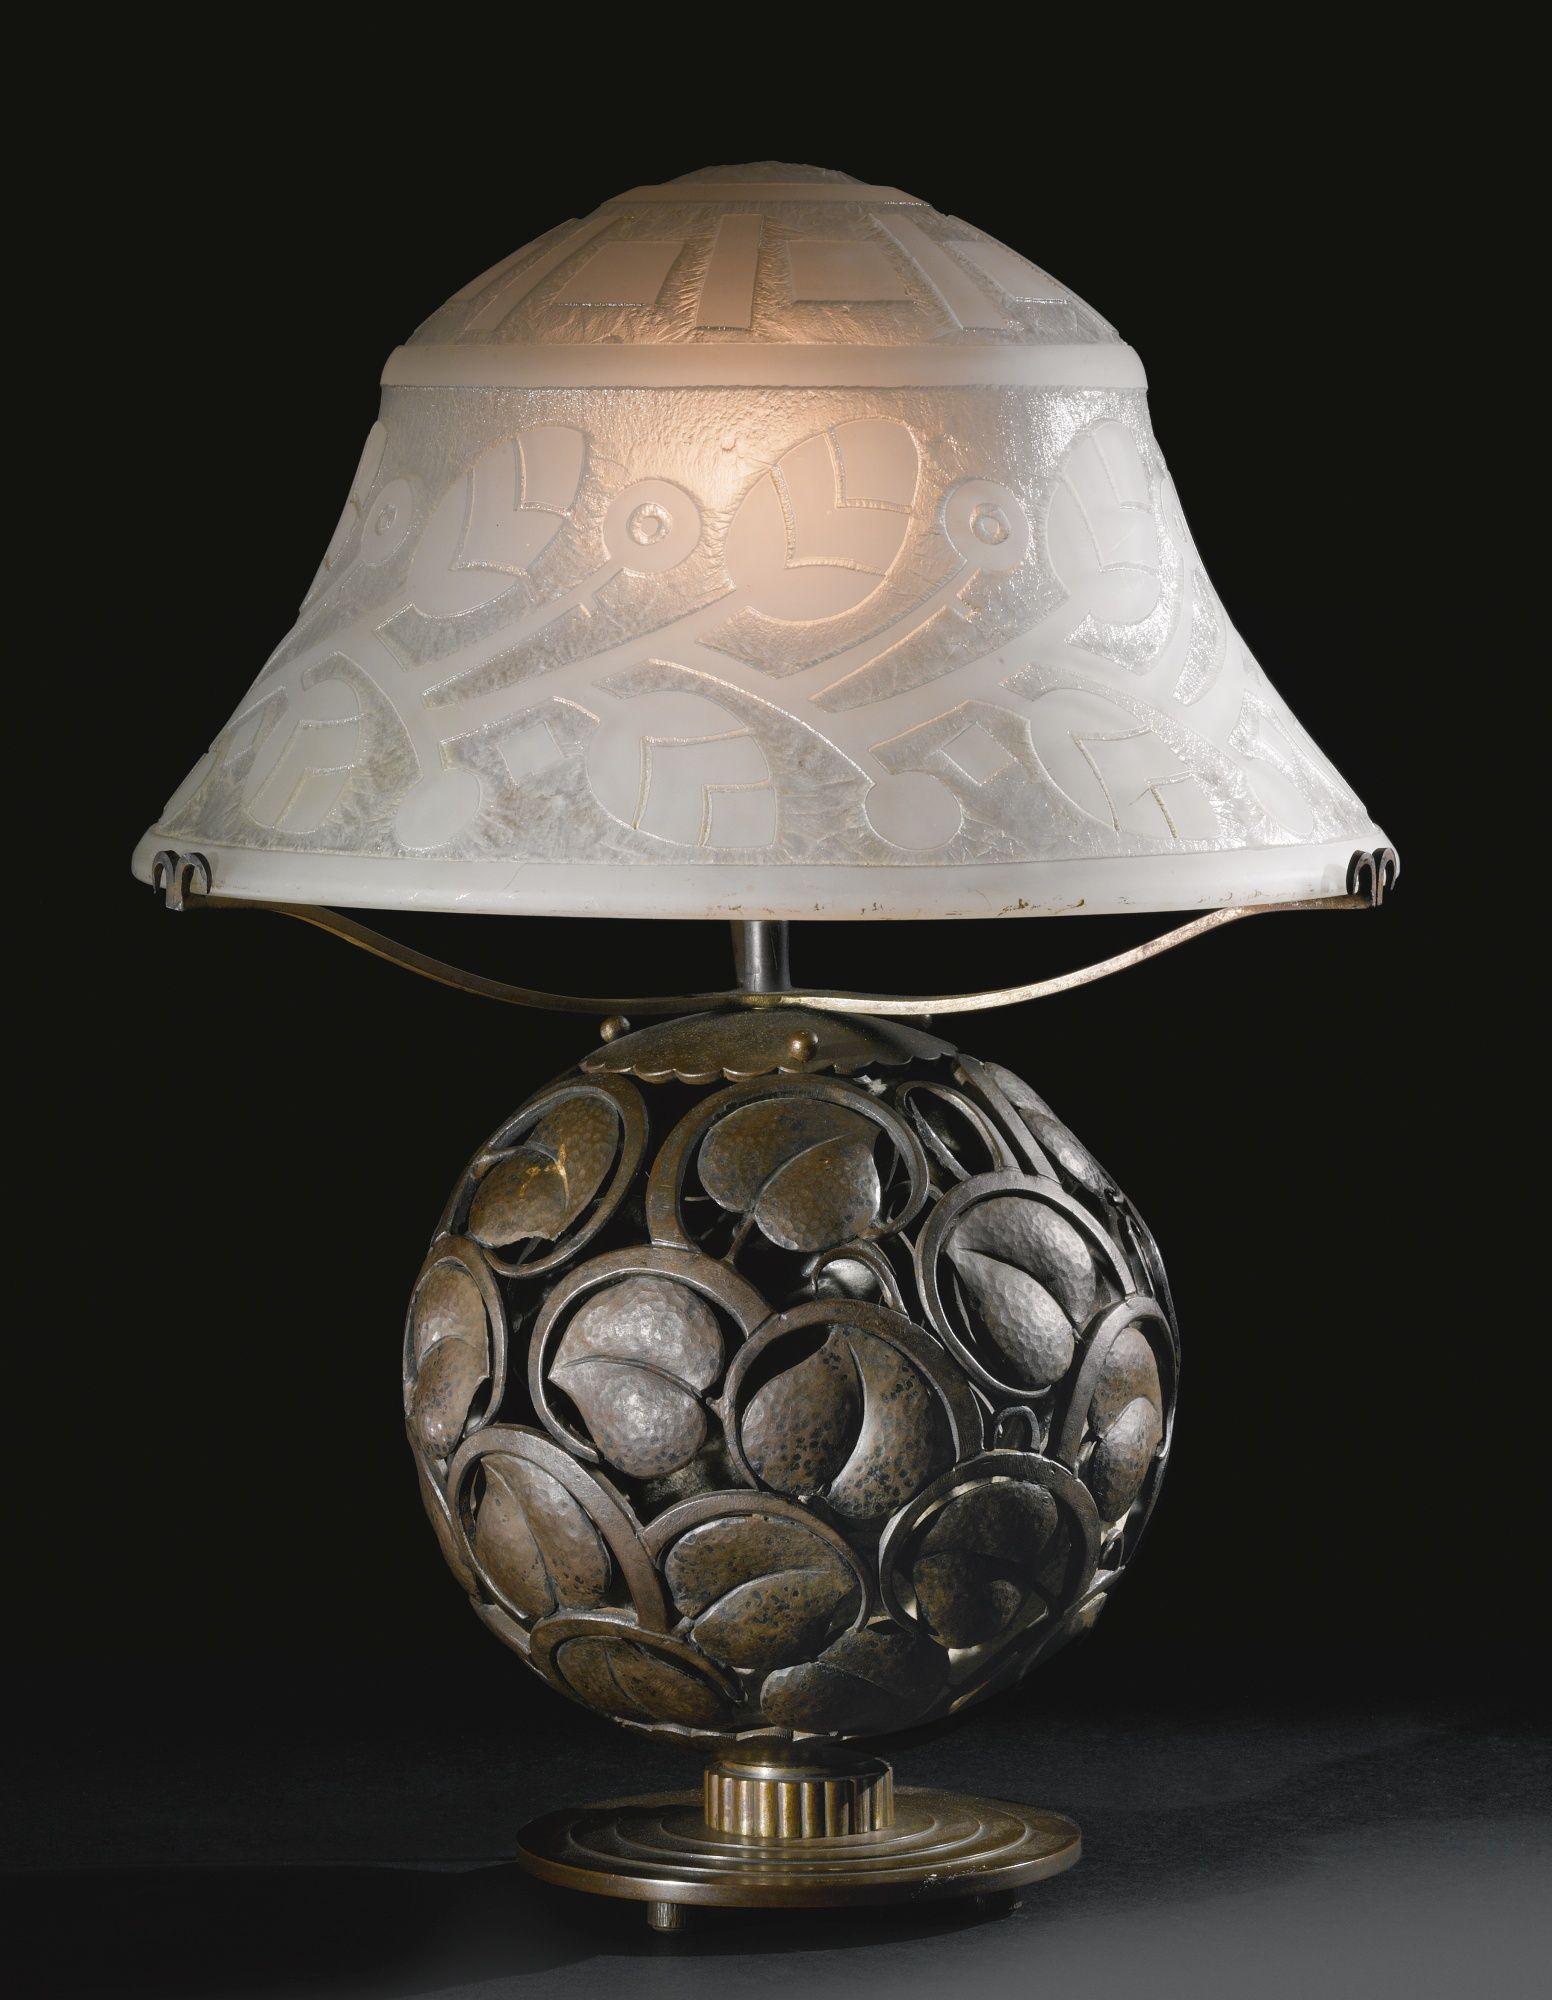 Edgar Brandt and Daum TABLE LAMP Estimate 20 000 — 30 000 USD LOT